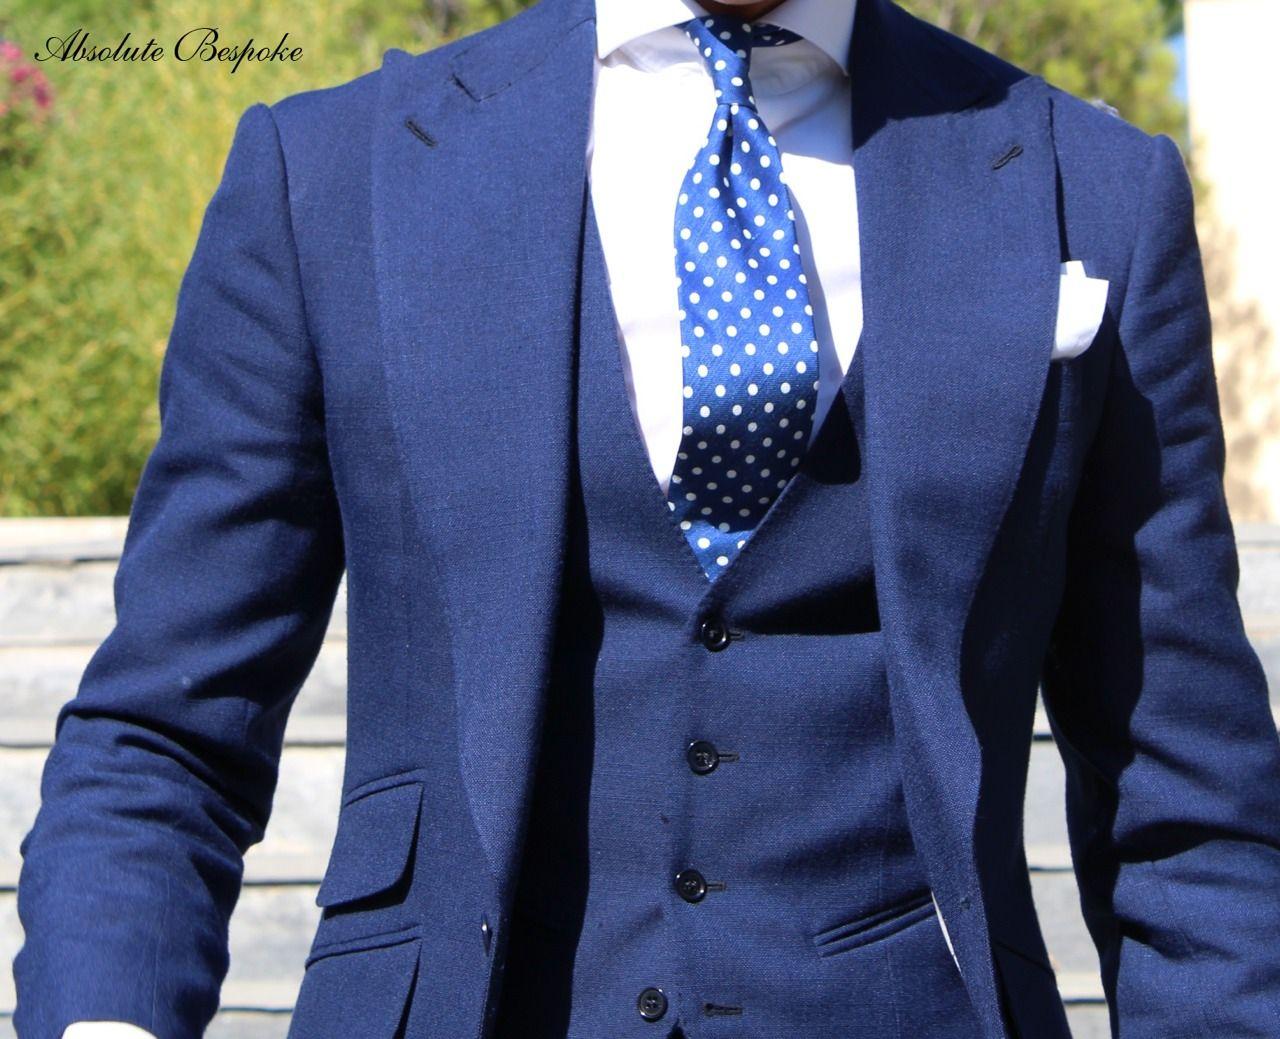 T pattern summer suit by Absolute Bespoke www.absolutebespoke.com ...